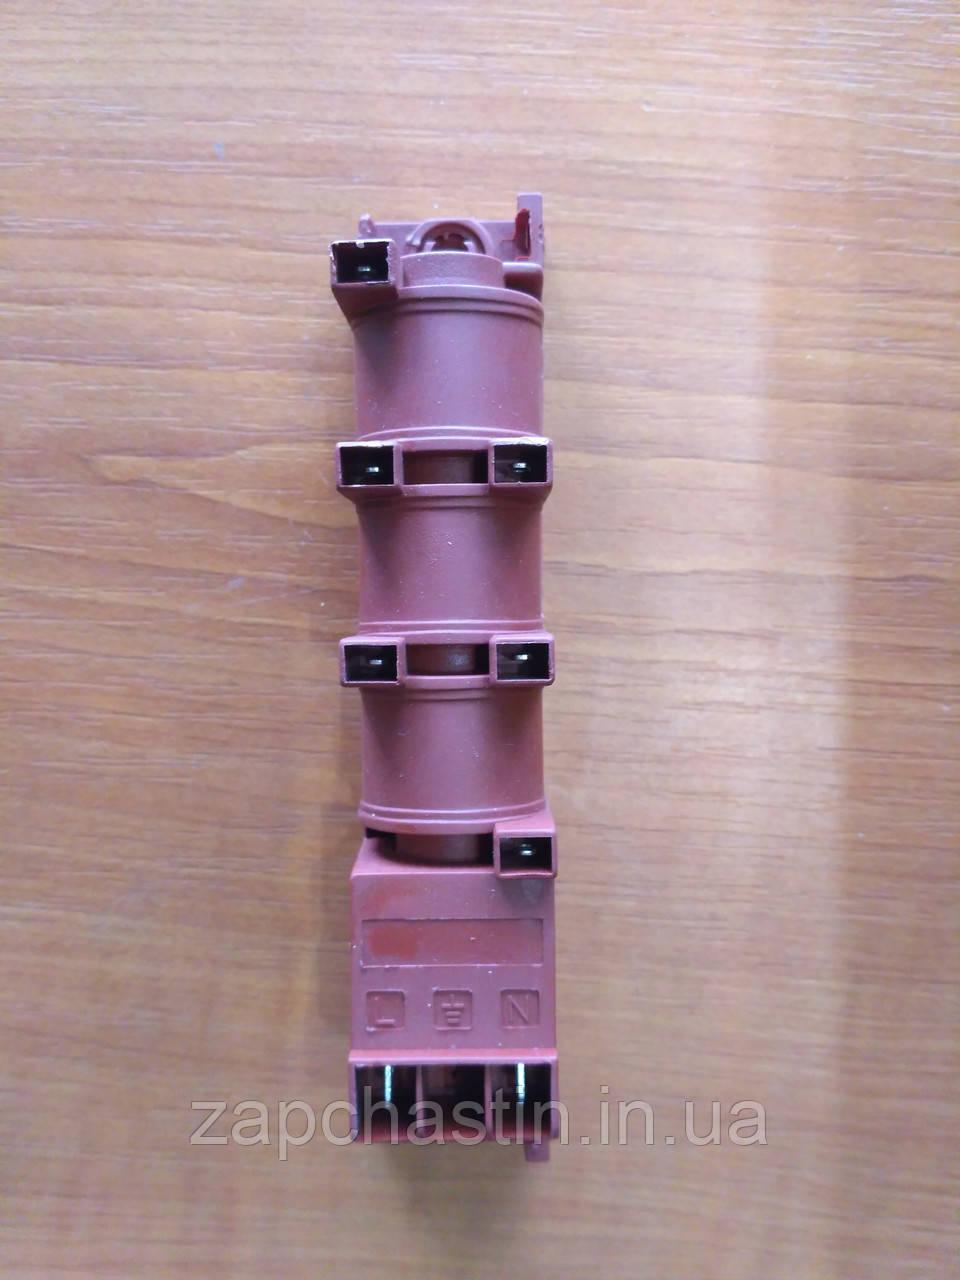 Електропідпал газової плити, 6 свічок, 2 контакти